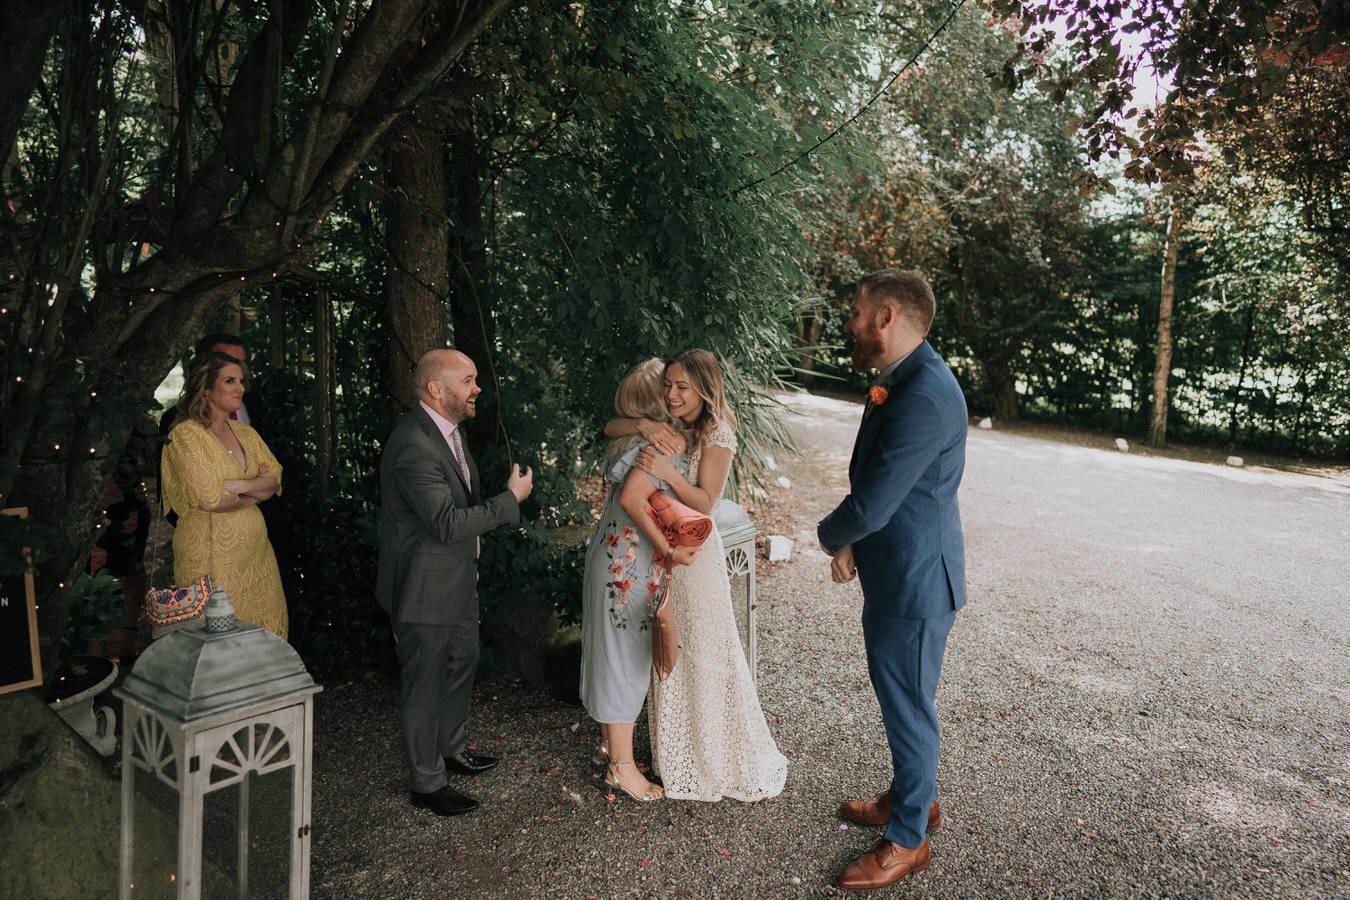 The-Station-House-wedding-Dublin-photographer- 0093 91